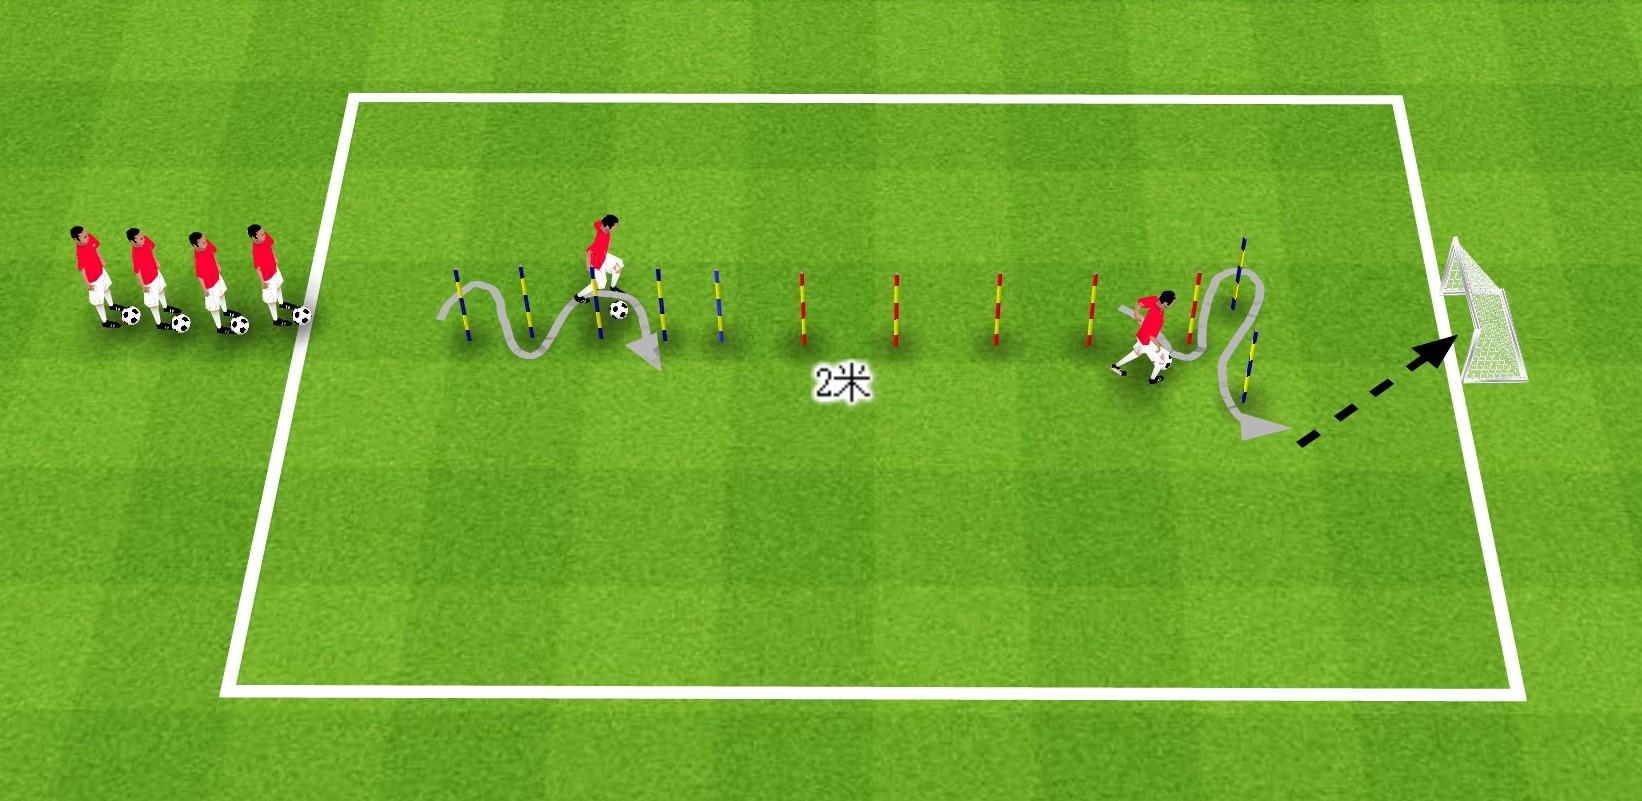 足球教案:传球精准、射门能力强的球员都是如